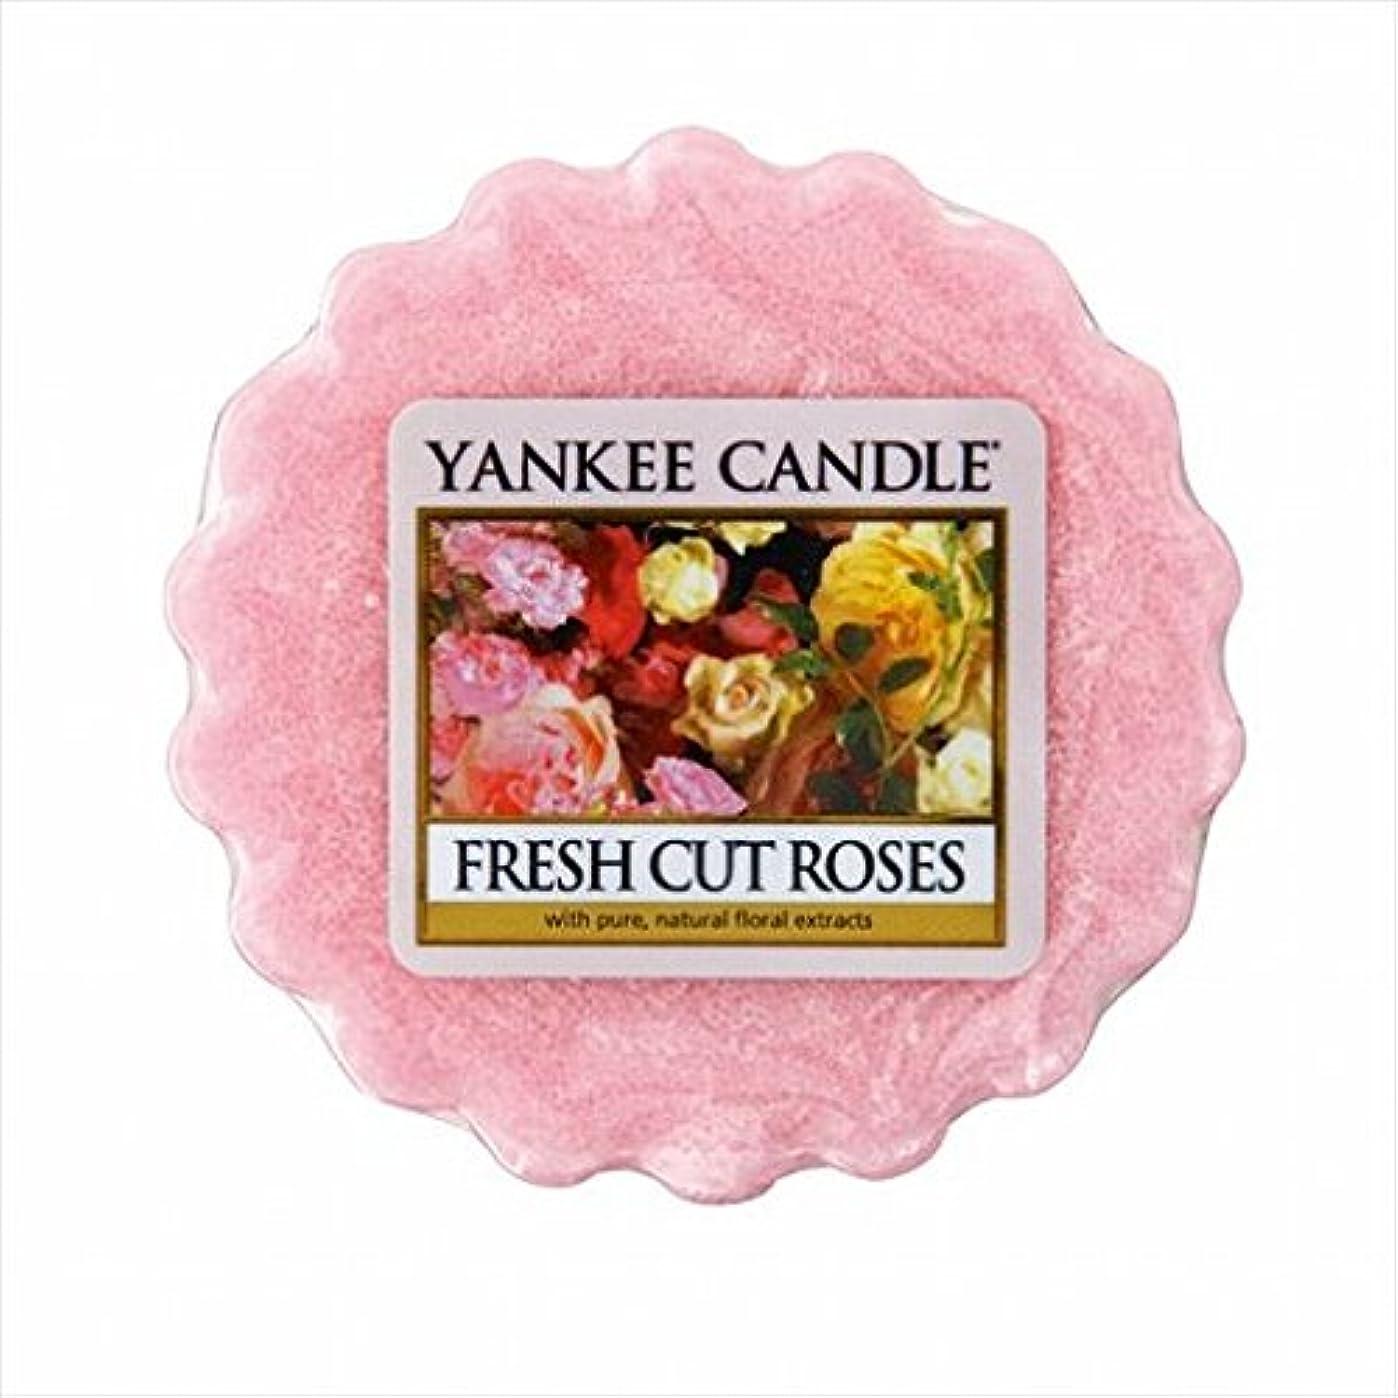 意志に反するつまずく音声学カメヤマキャンドル( kameyama candle ) YANKEE CANDLE タルト ワックスポプリ 「 フレッシュカットローズ 」